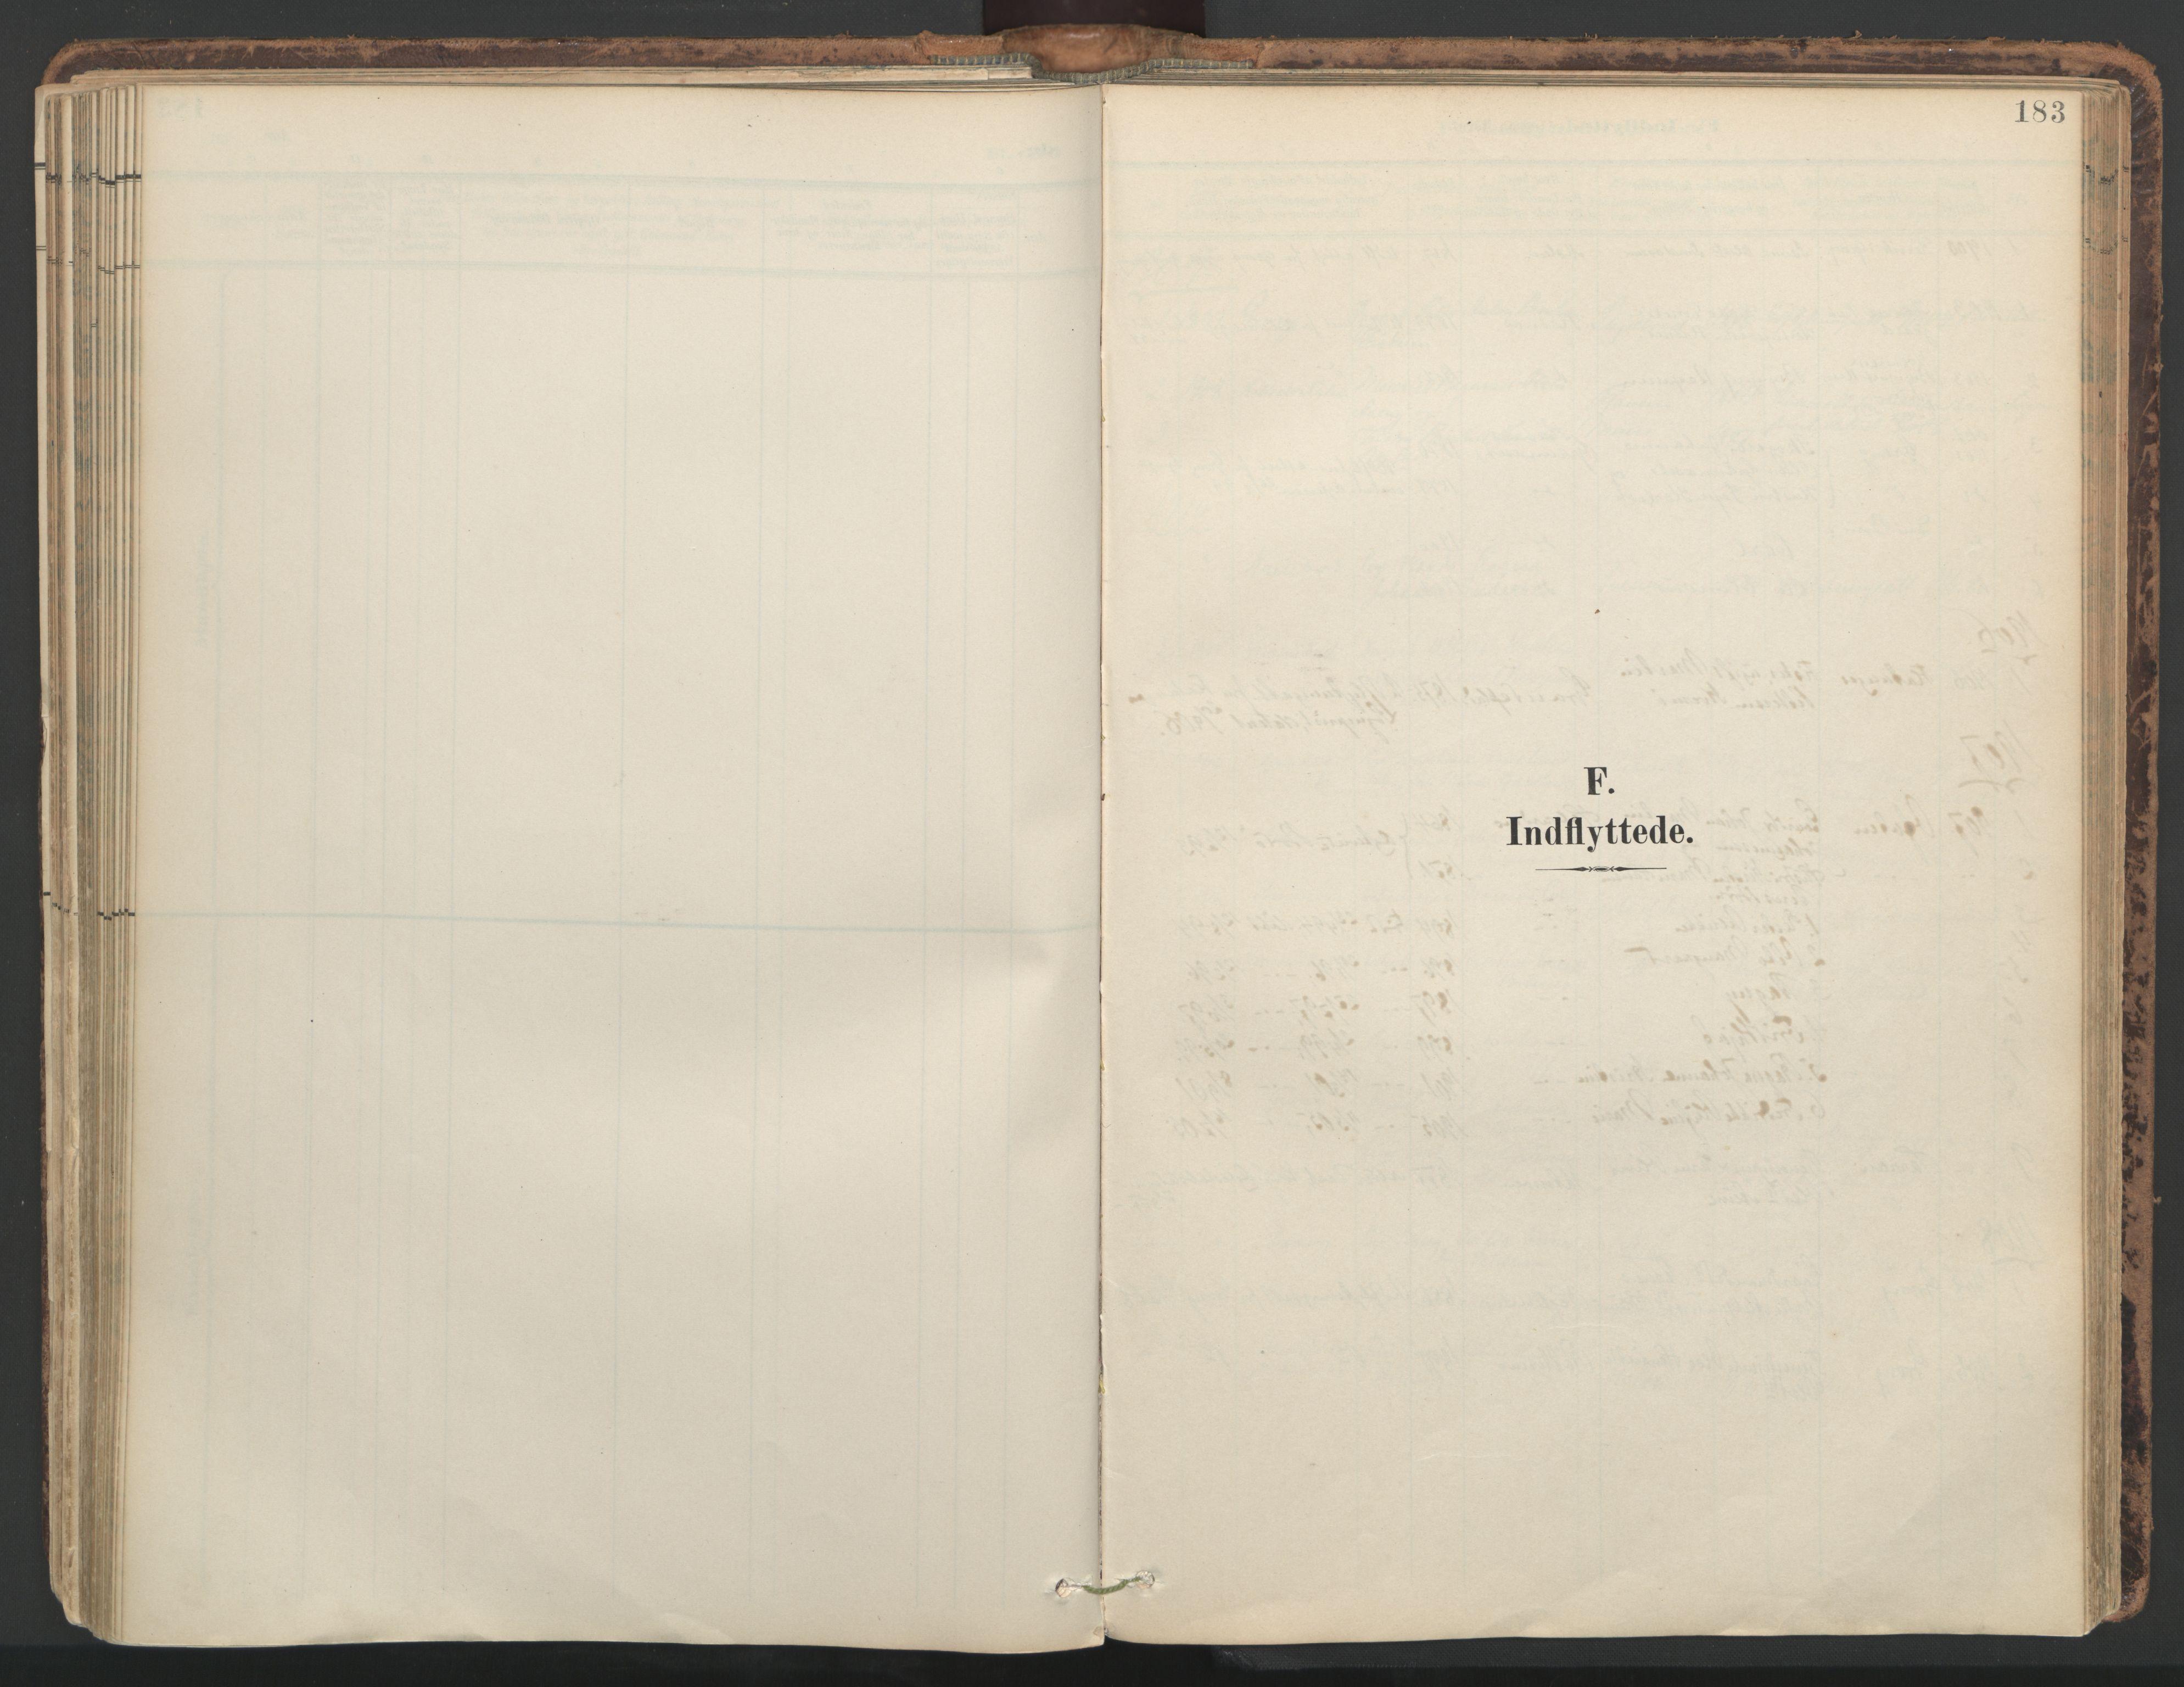 SAT, Ministerialprotokoller, klokkerbøker og fødselsregistre - Nord-Trøndelag, 764/L0556: Ministerialbok nr. 764A11, 1897-1924, s. 183